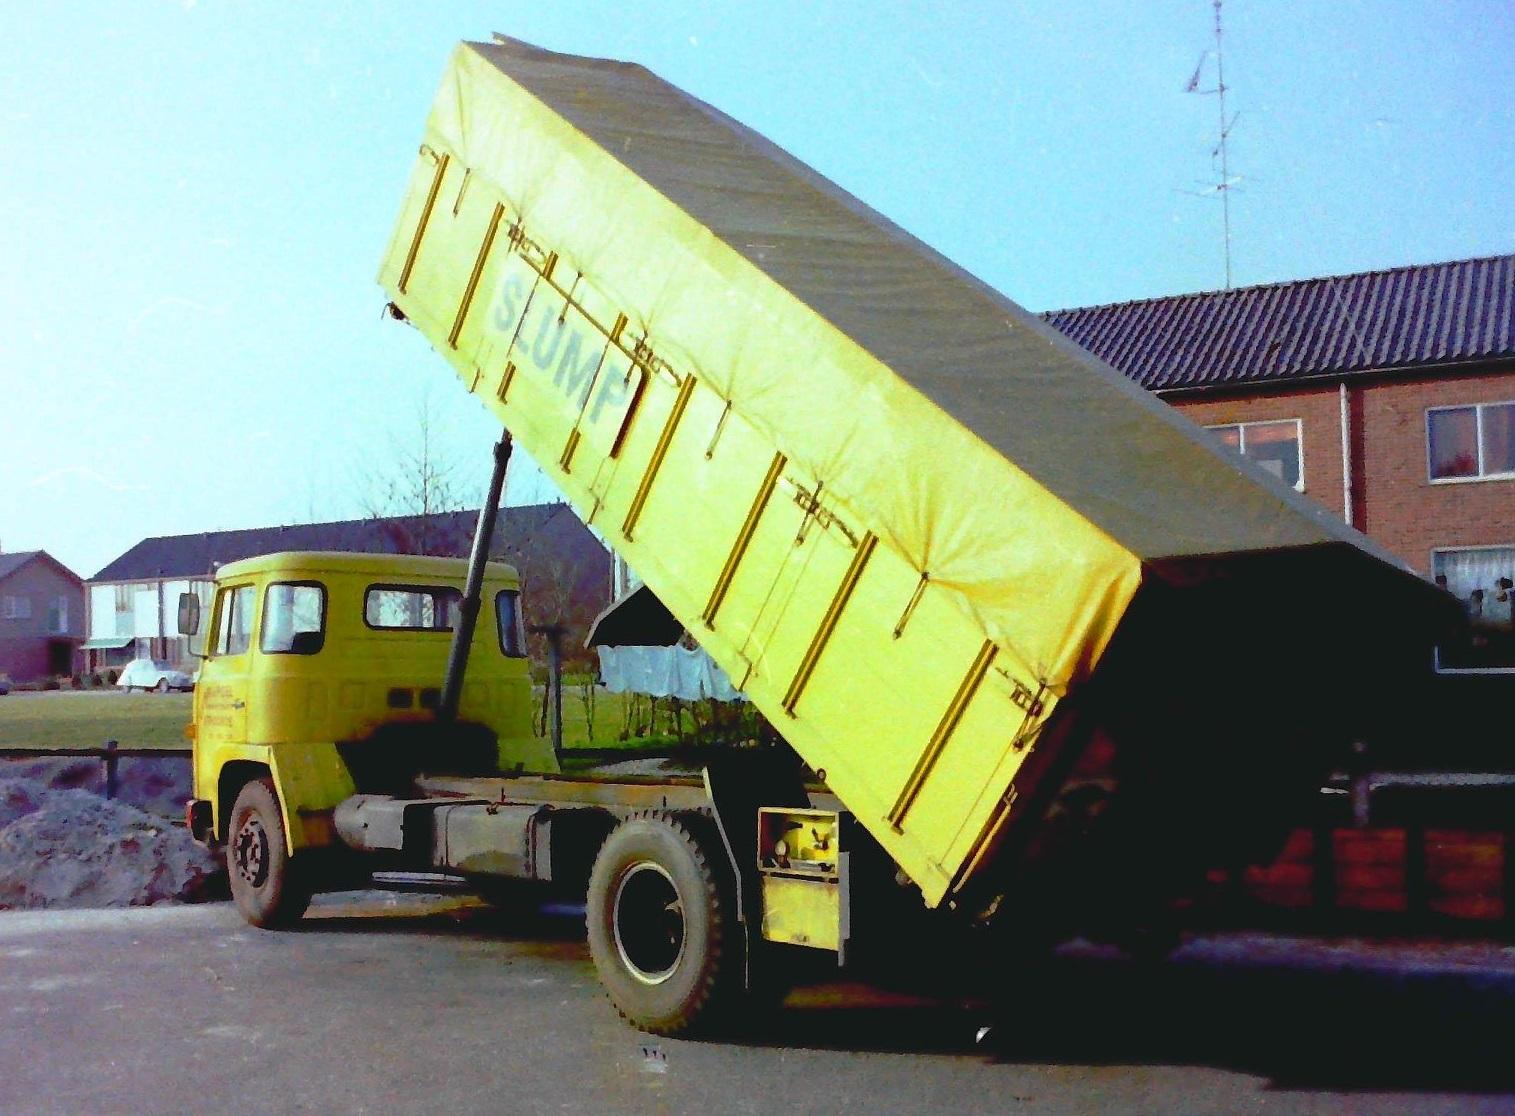 Scania--bulkauto-van-Gebr-de-Poel-uit-Stroobos-die-reed-voor-Slump-veevoederfabriek-te-Stroobos-hij-is-gebouwd-door-Rondaan-toen-nog-te-Beetgum-2